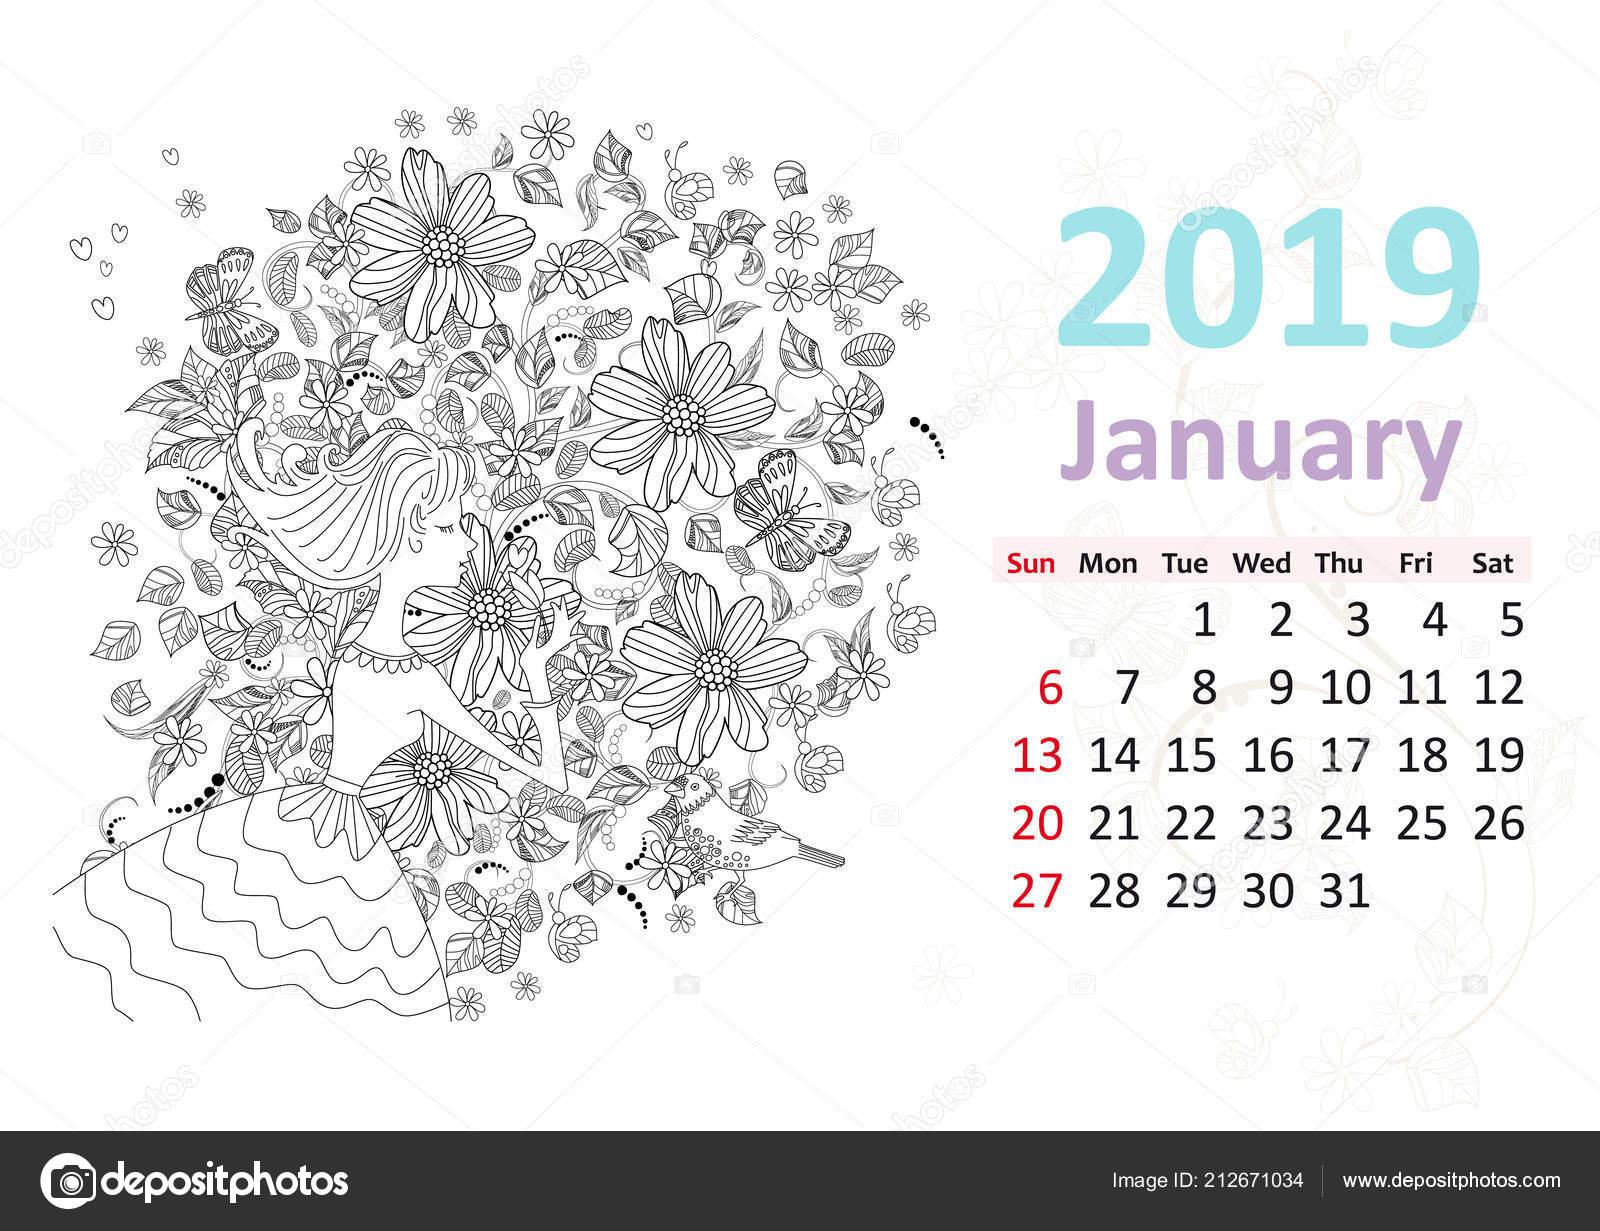 Takvim Sayfası Ocak 2019 Için Kadın Kokulu çiçeklerle Boyama Stok